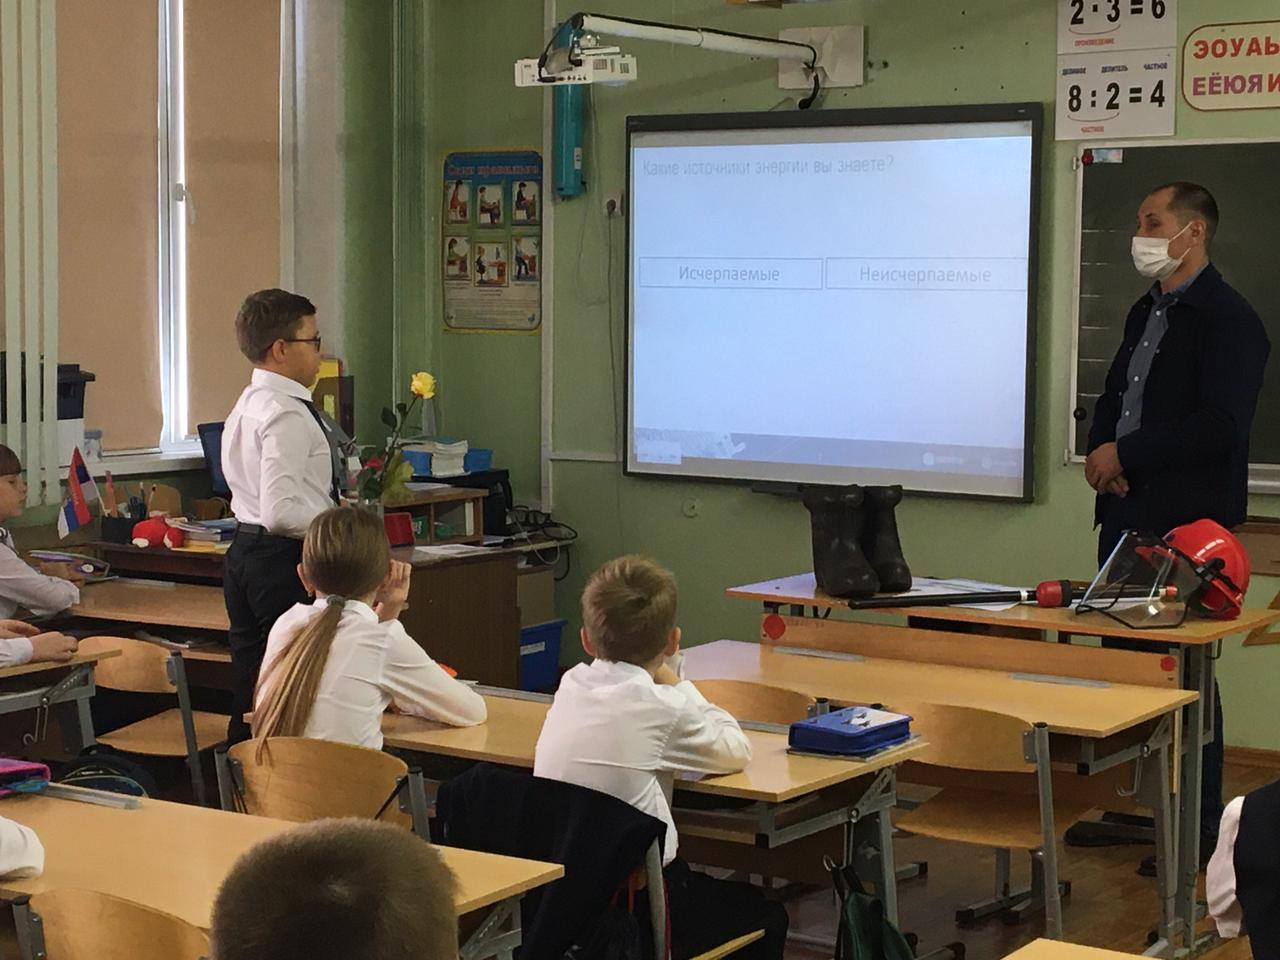 Тверские учителя поблагодарили «Тверьэнерго» за уроки энергосбережения - новости Афанасий